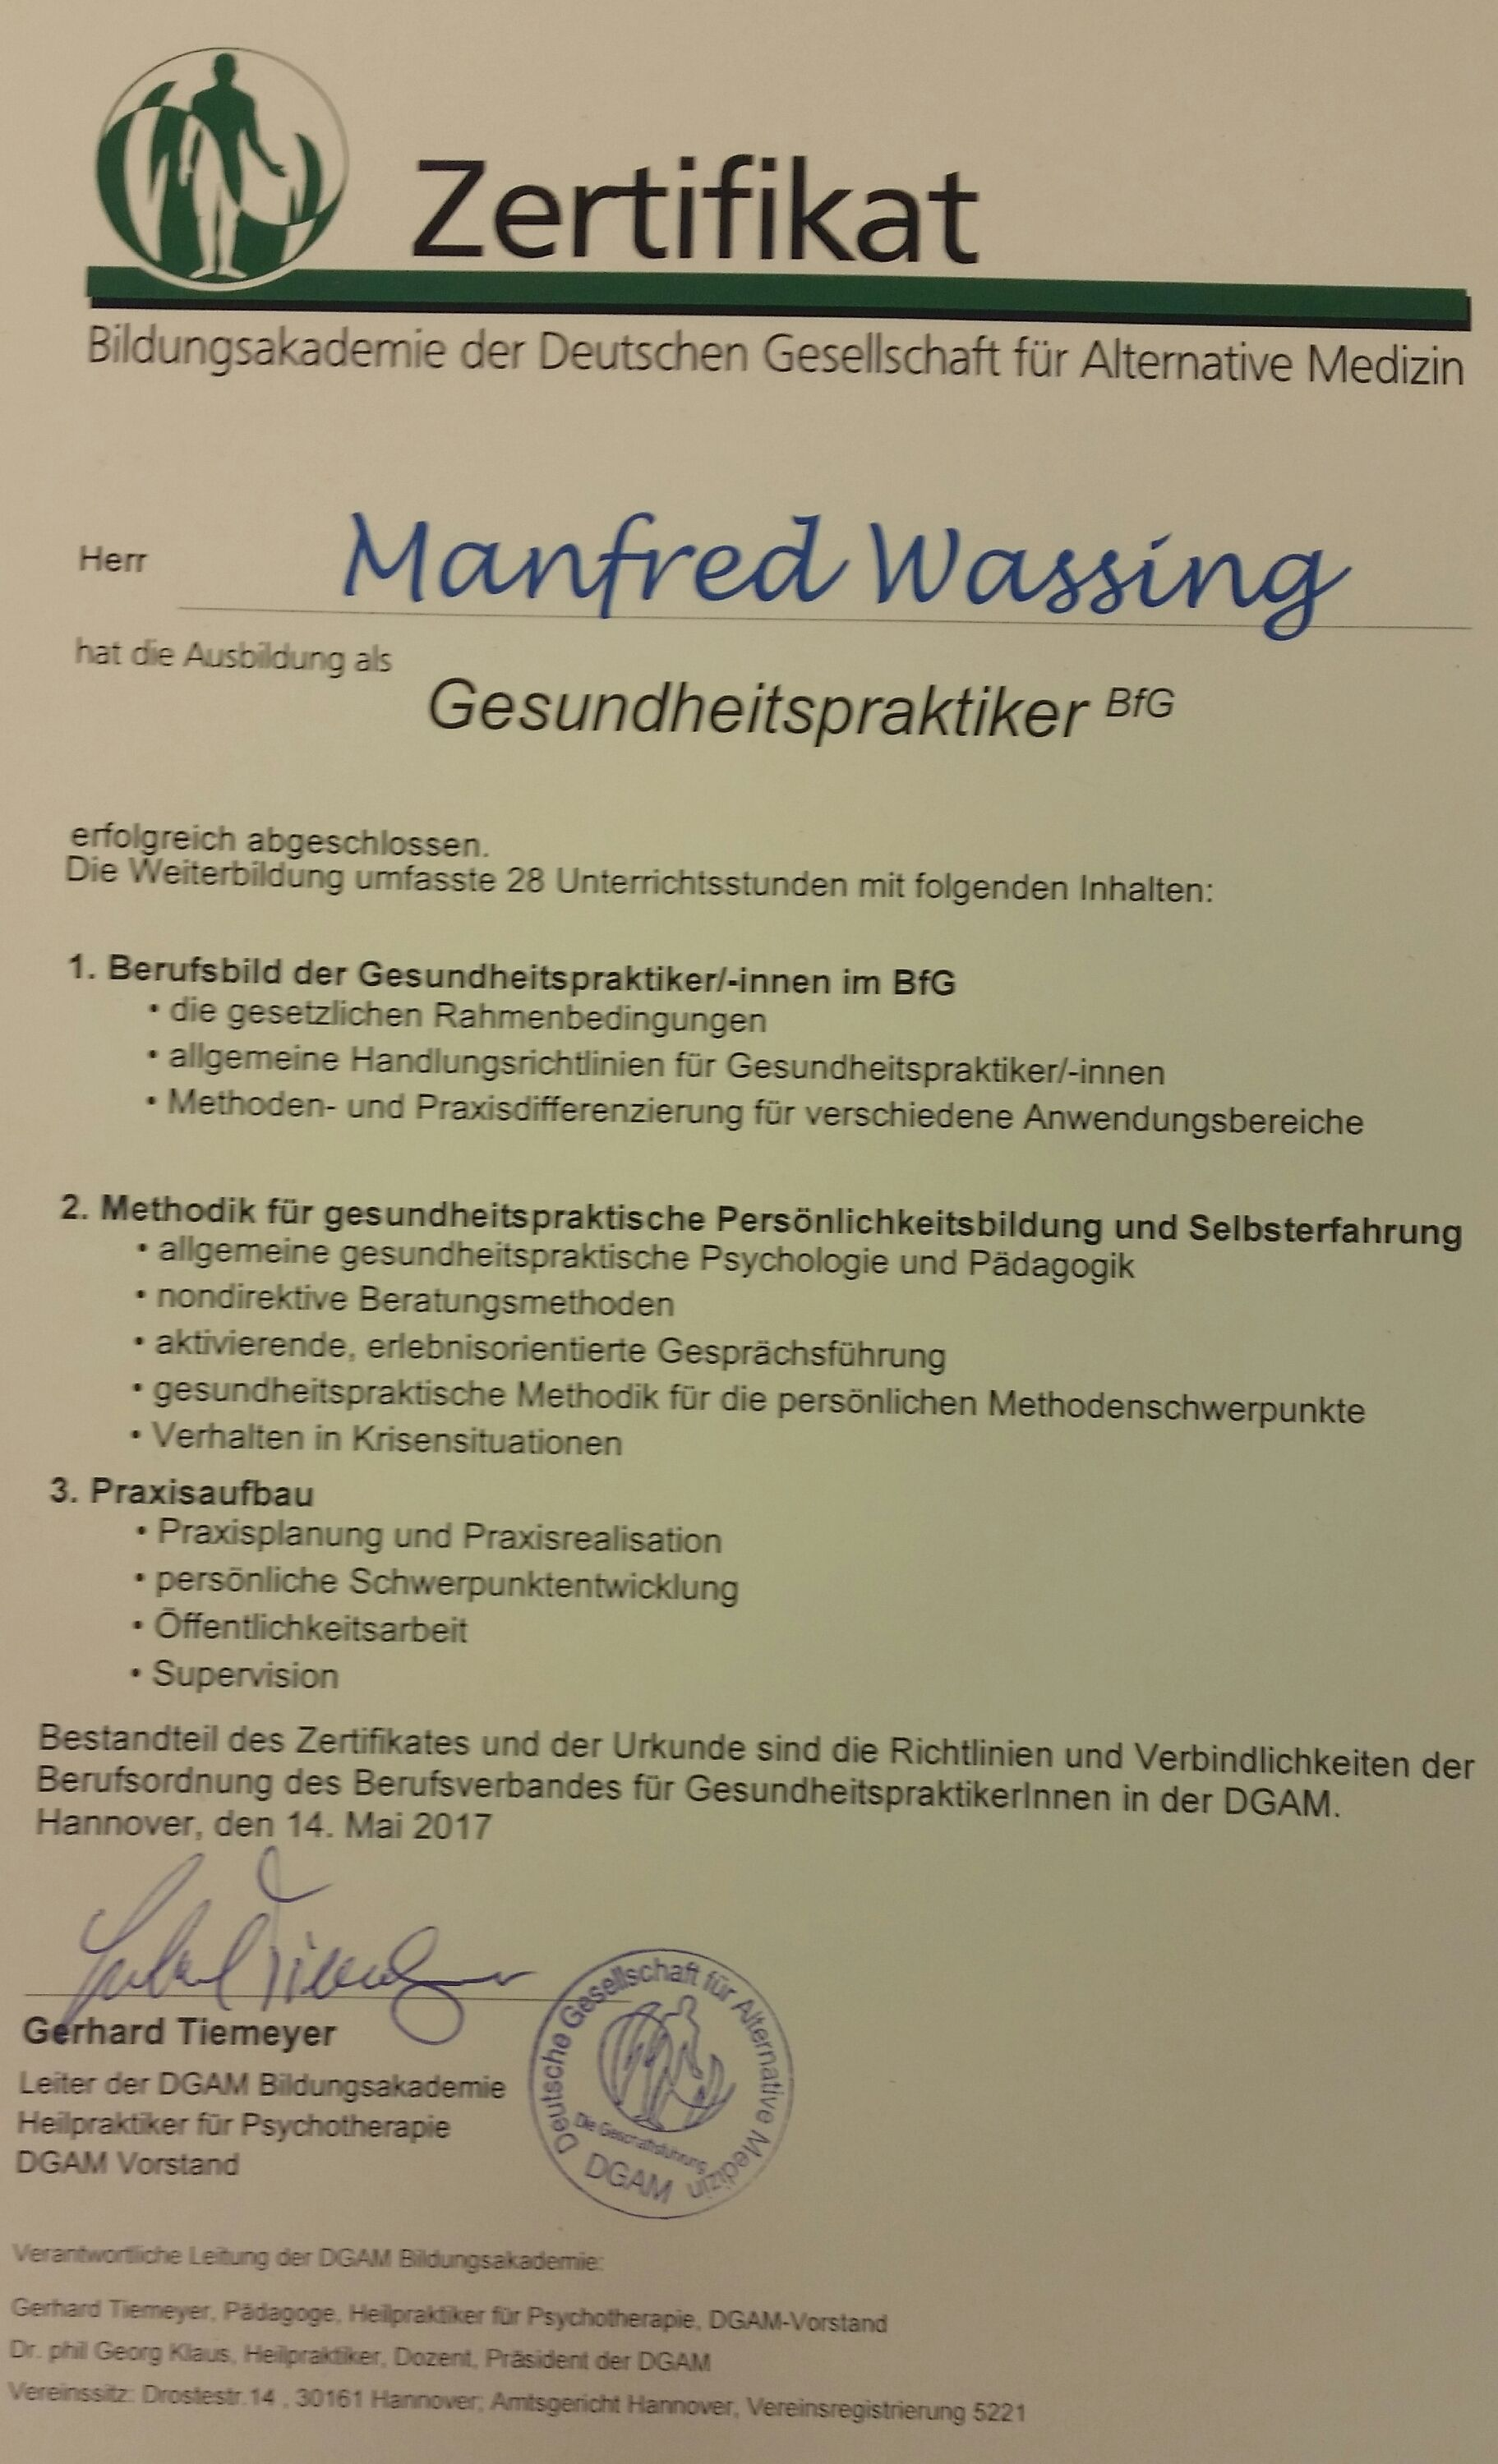 Gesundheitspraktiker | ManniSchuh Wassing